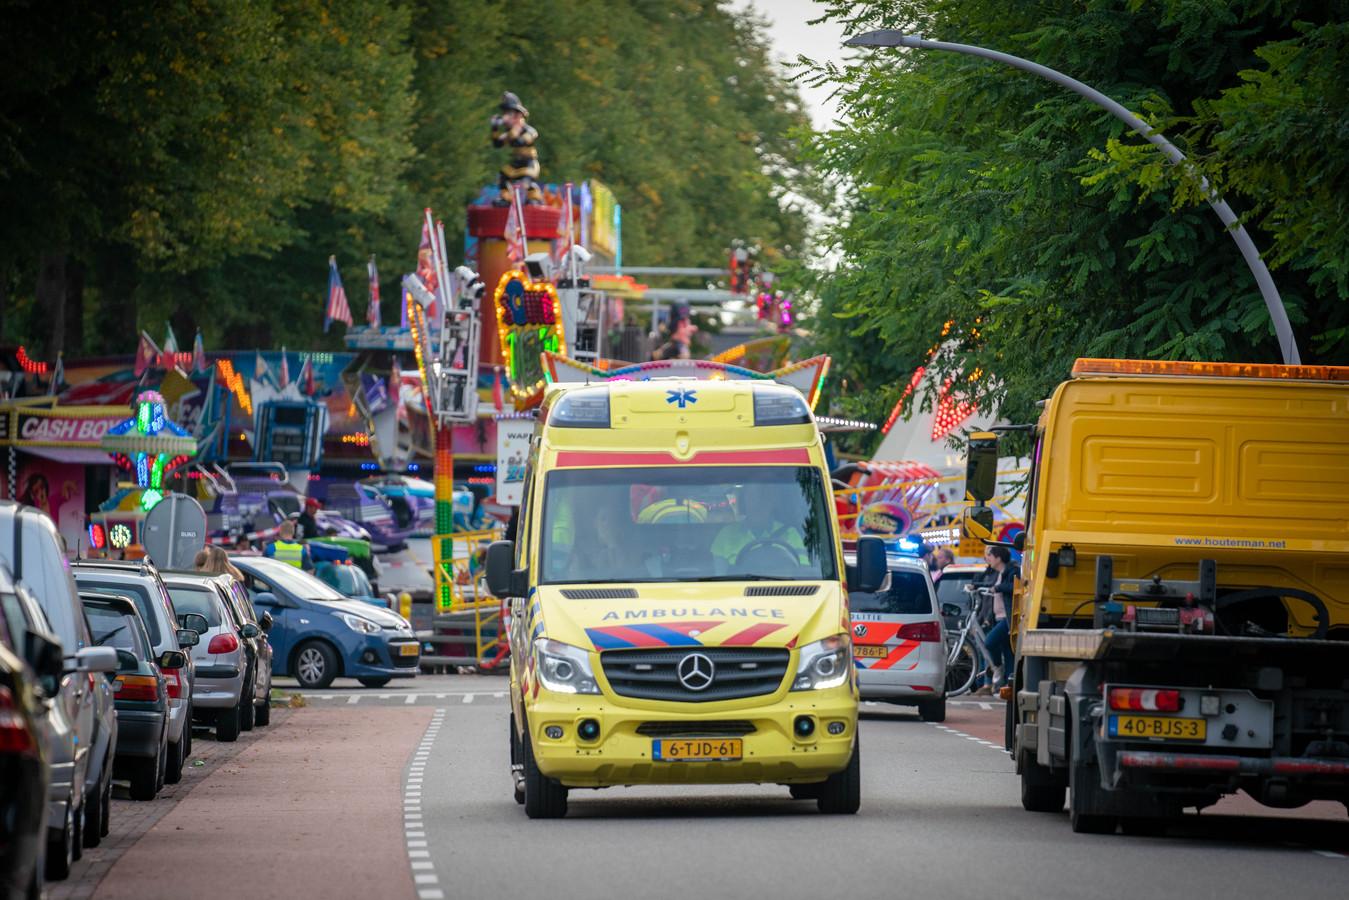 Een ambulance rijdt weg van de plek van het ongeval.